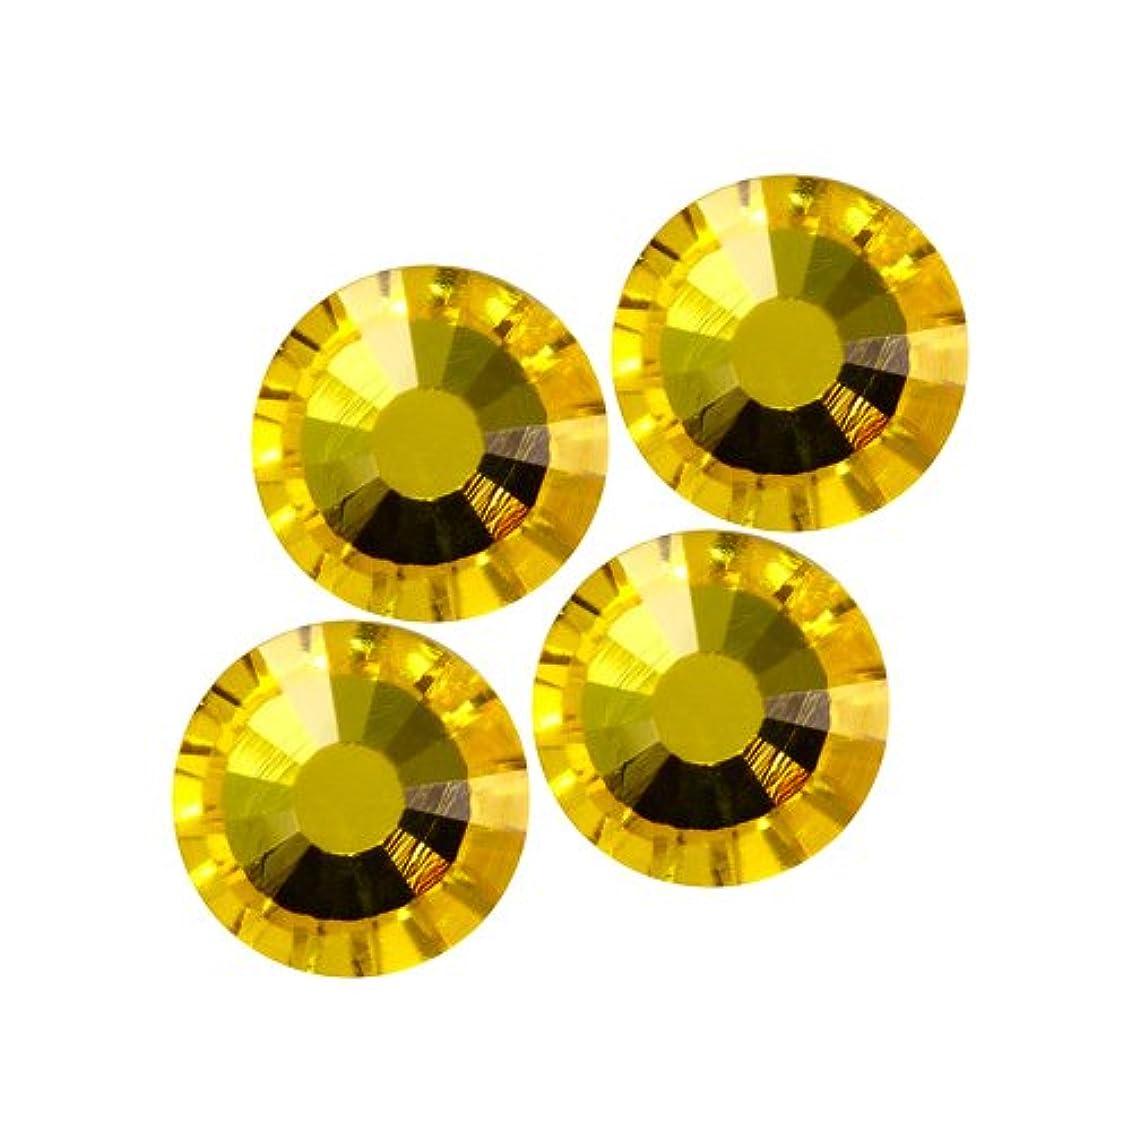 口述する裏切る段落バイナル DIAMOND RHINESTONE シトリン SS16 720粒 ST-SS16-CIT-5G